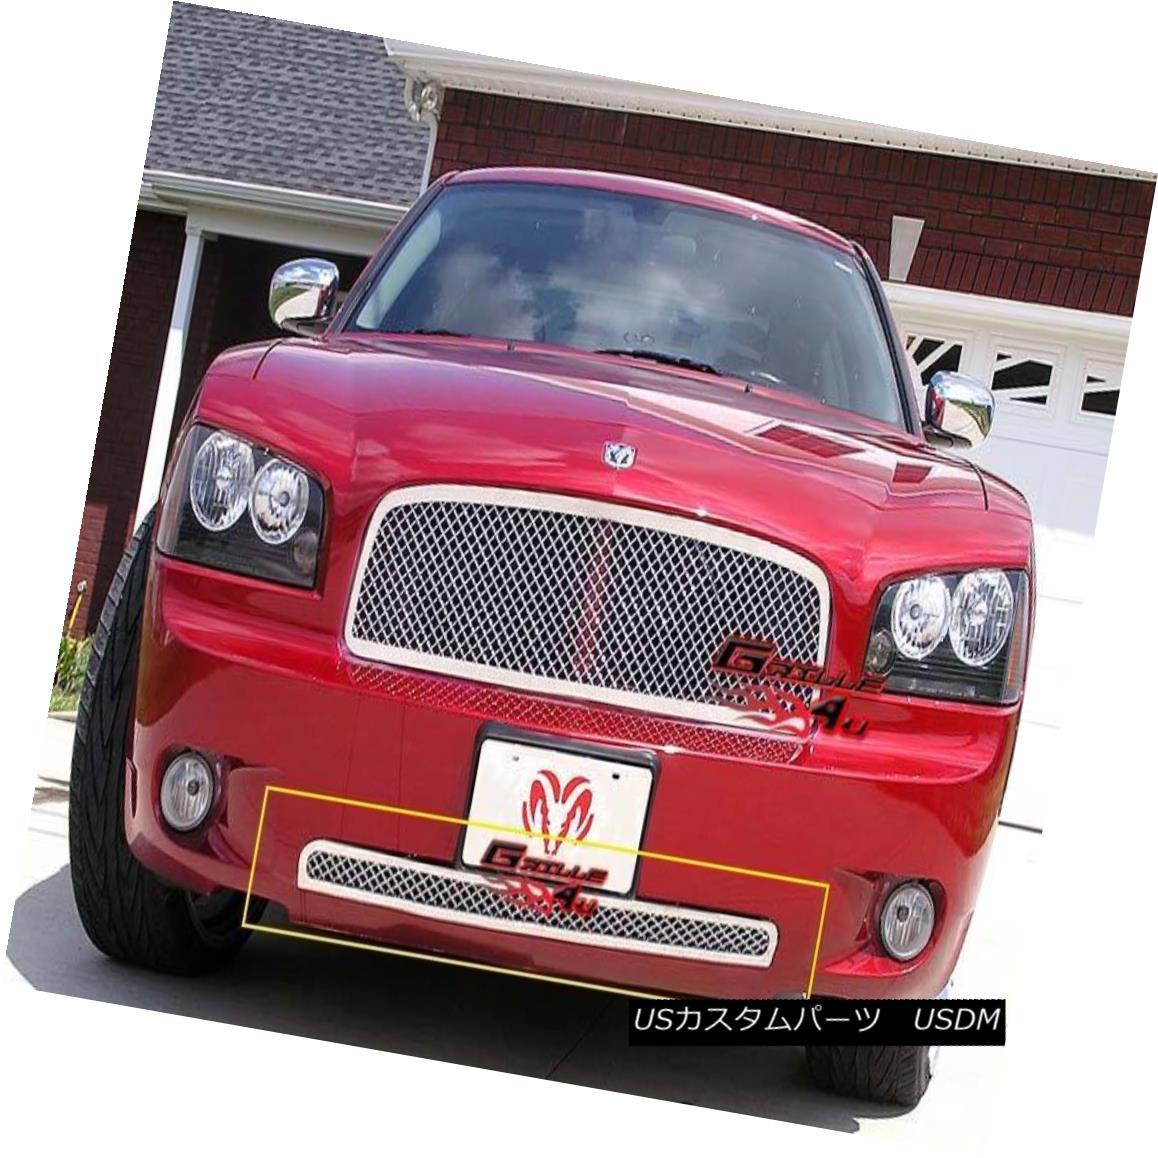 グリル For 05-10 Dodge Charger Bumper Stainless Mesh Grille Insert 05-10ダッジチャージャーバンパーステンレスメッシュグリルインサート